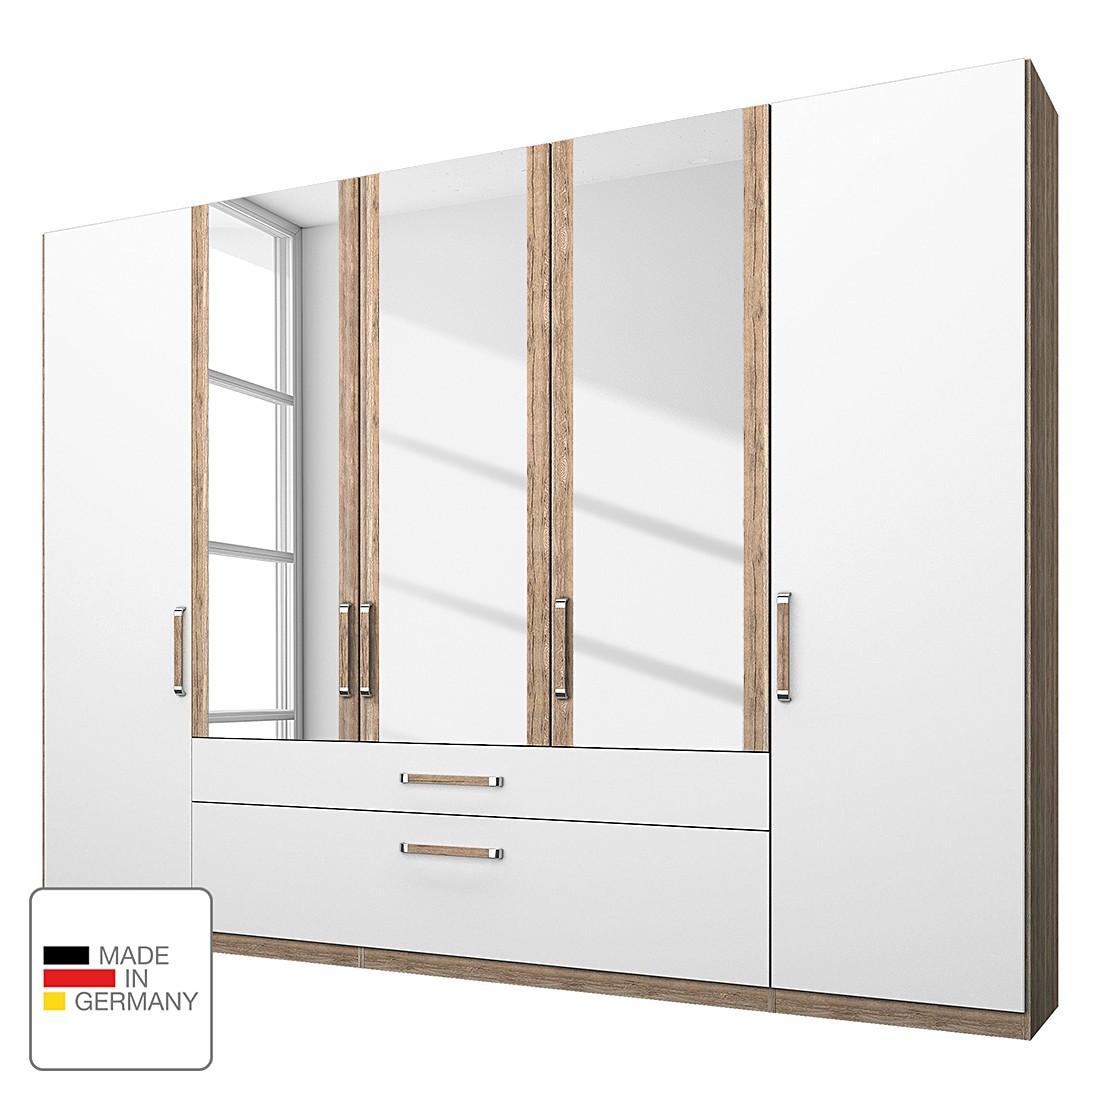 goedkoop Kledingkast Lea met lades Lichte San Remo eikenhouten look alpinewit 250cm 5 deurs 3 spiegeldeuren Rauch Dialog